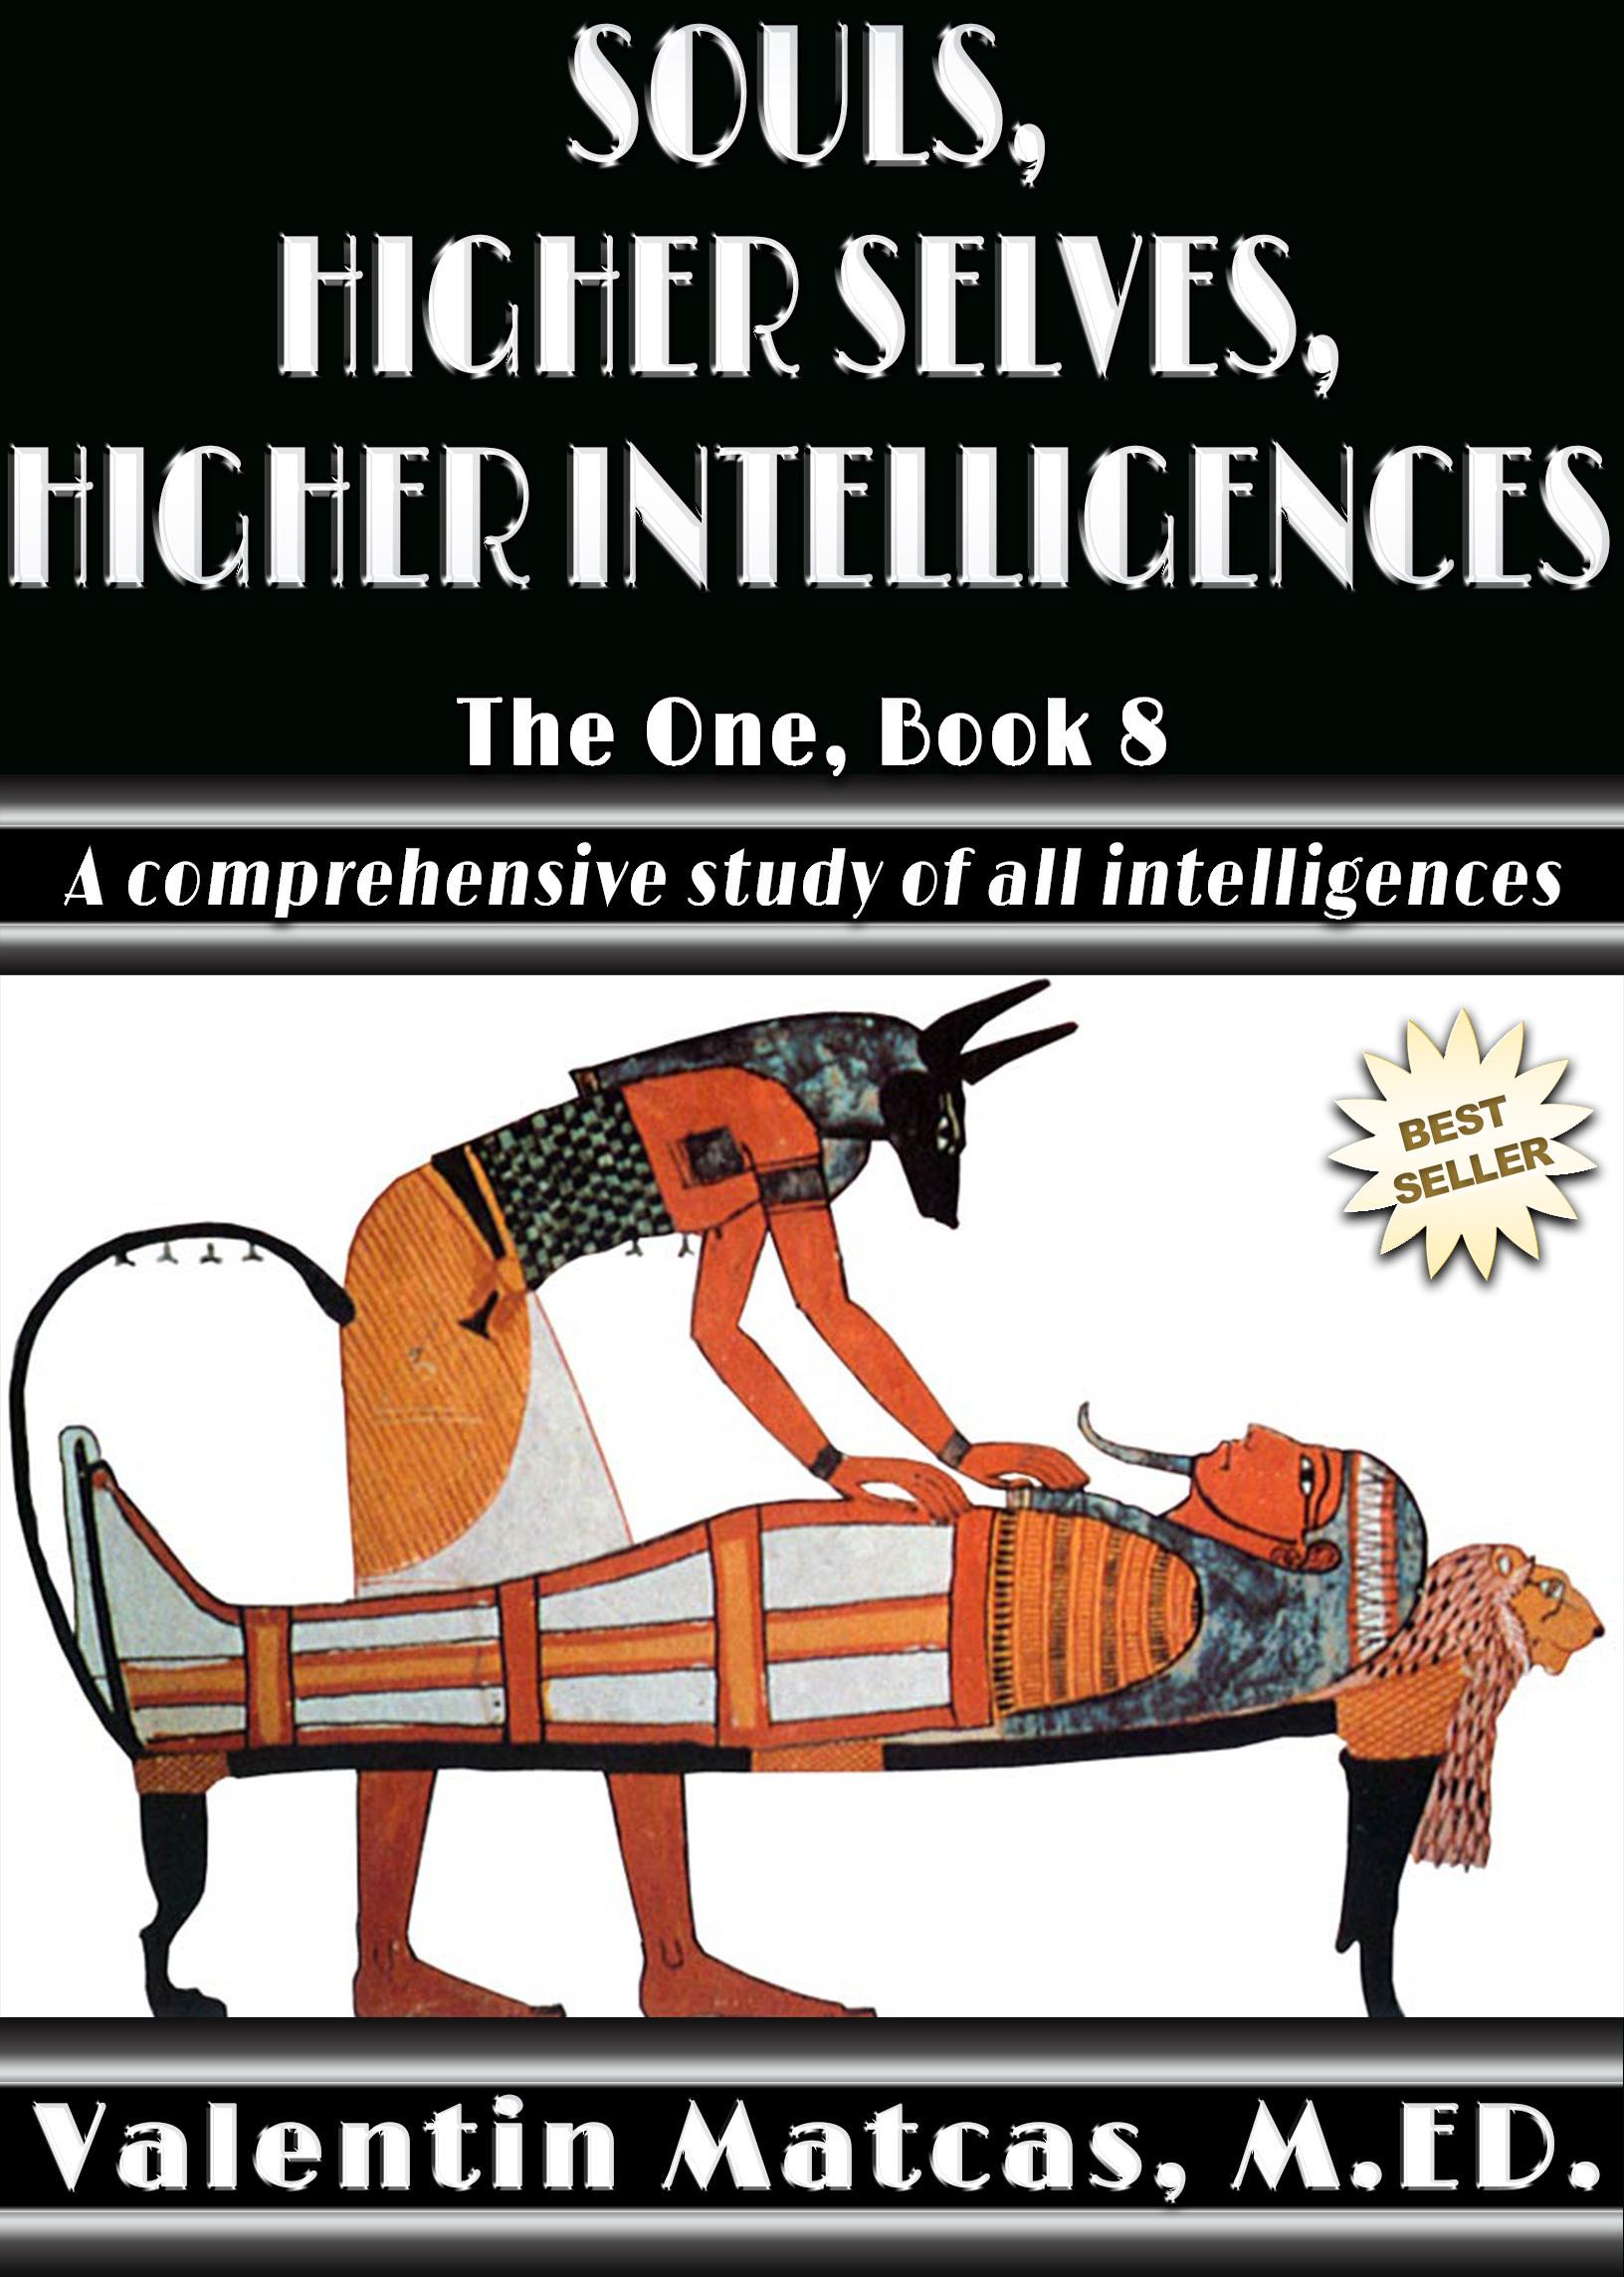 Souls, Higher Selves, Higher Intelligences Valentin Matcas